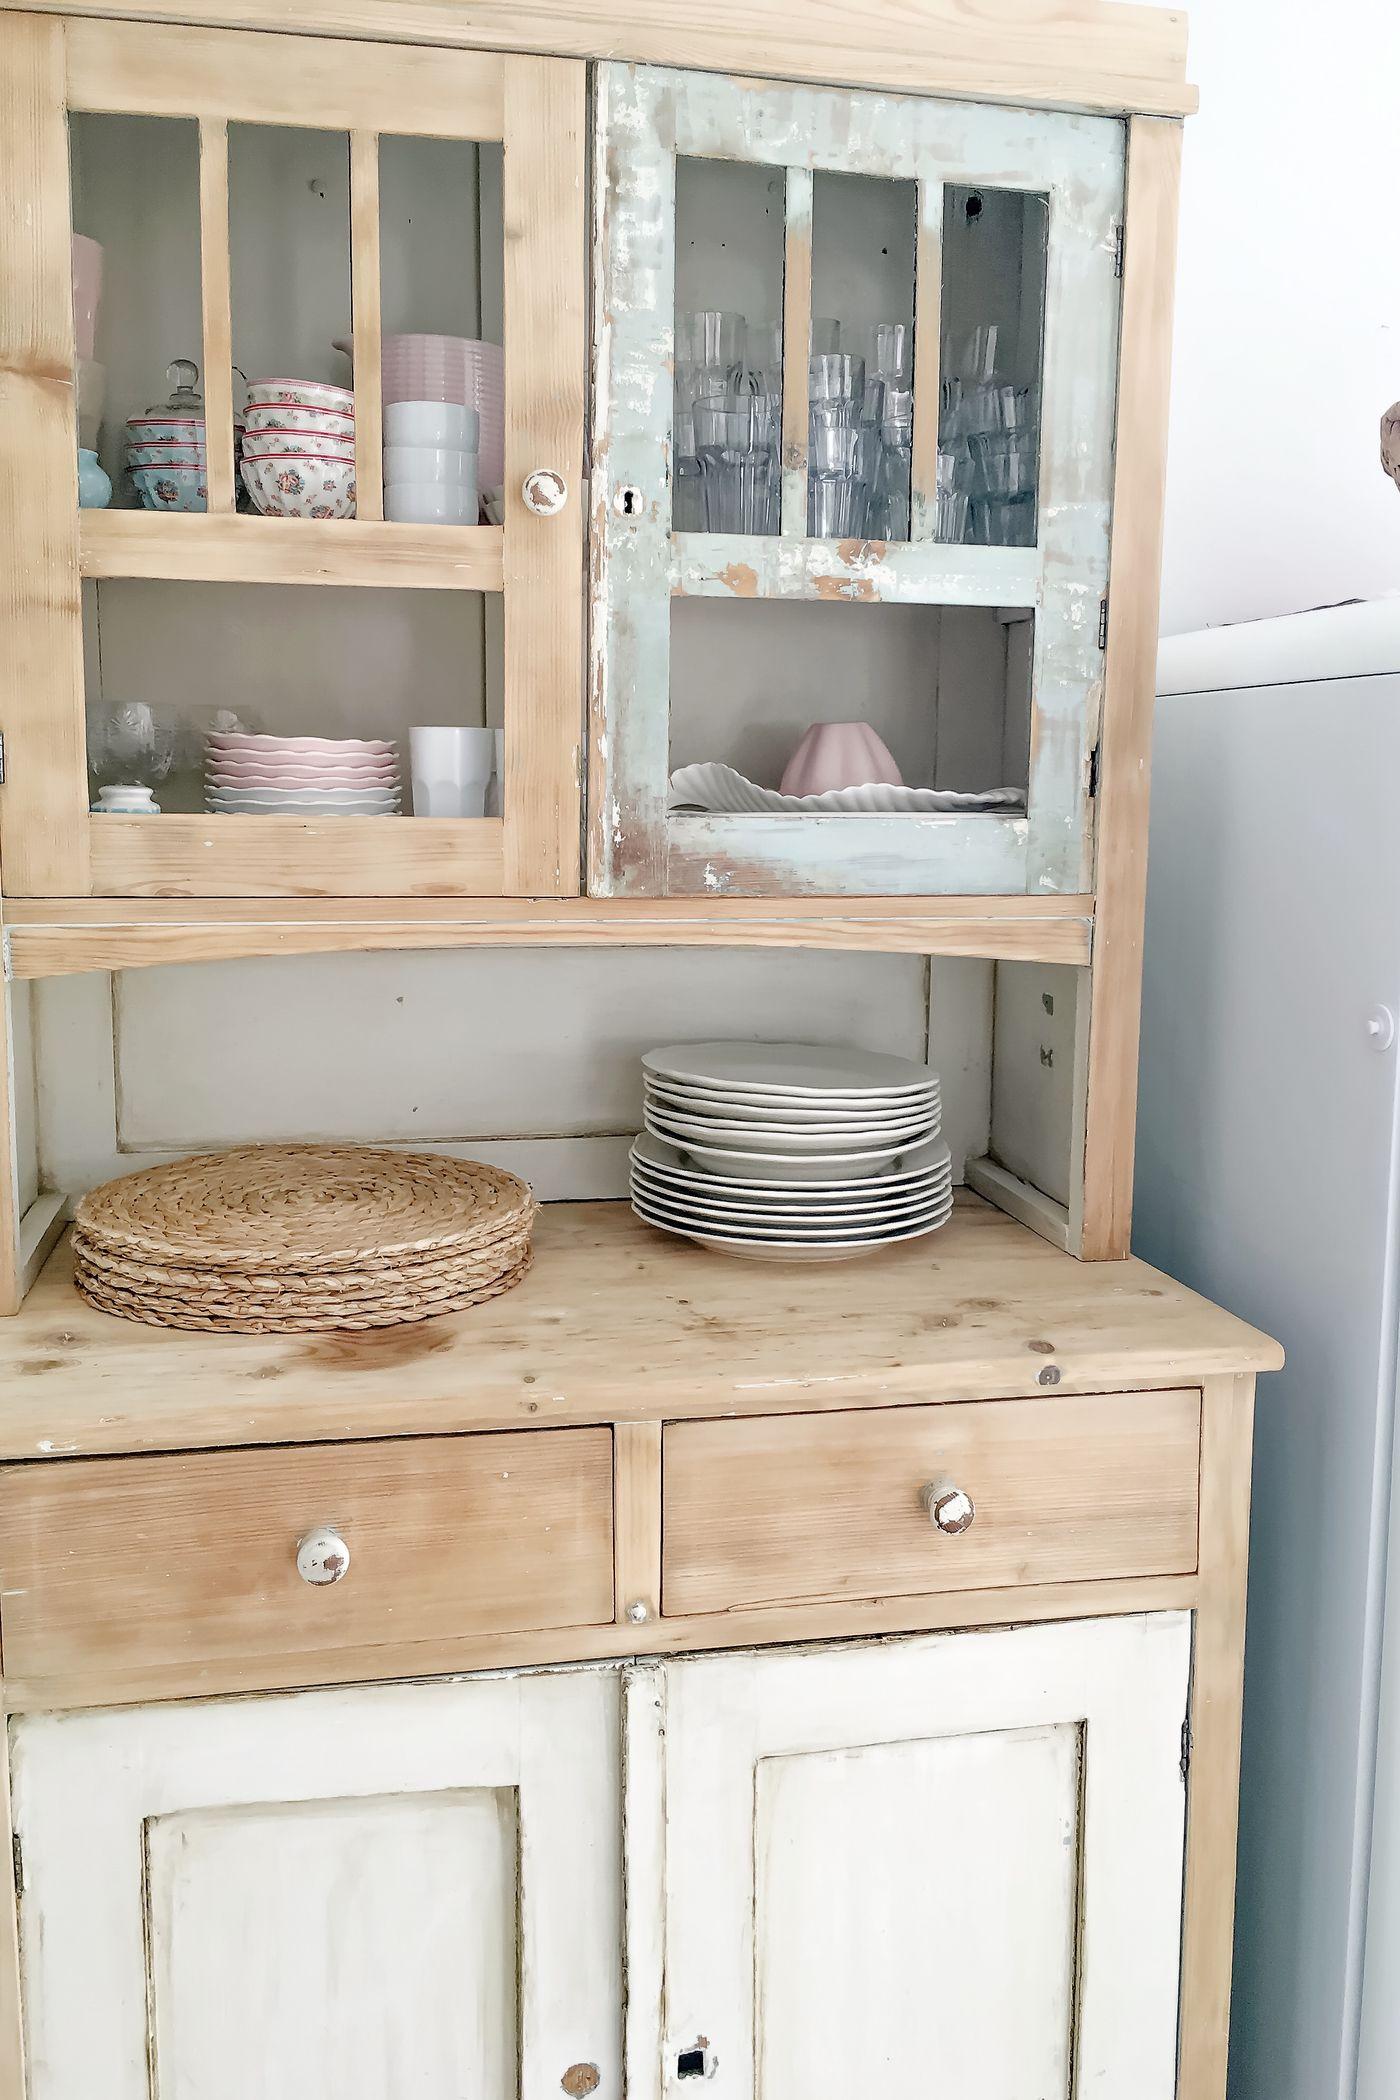 shabby küche selber machen   shabby chic deko selber machen ideen